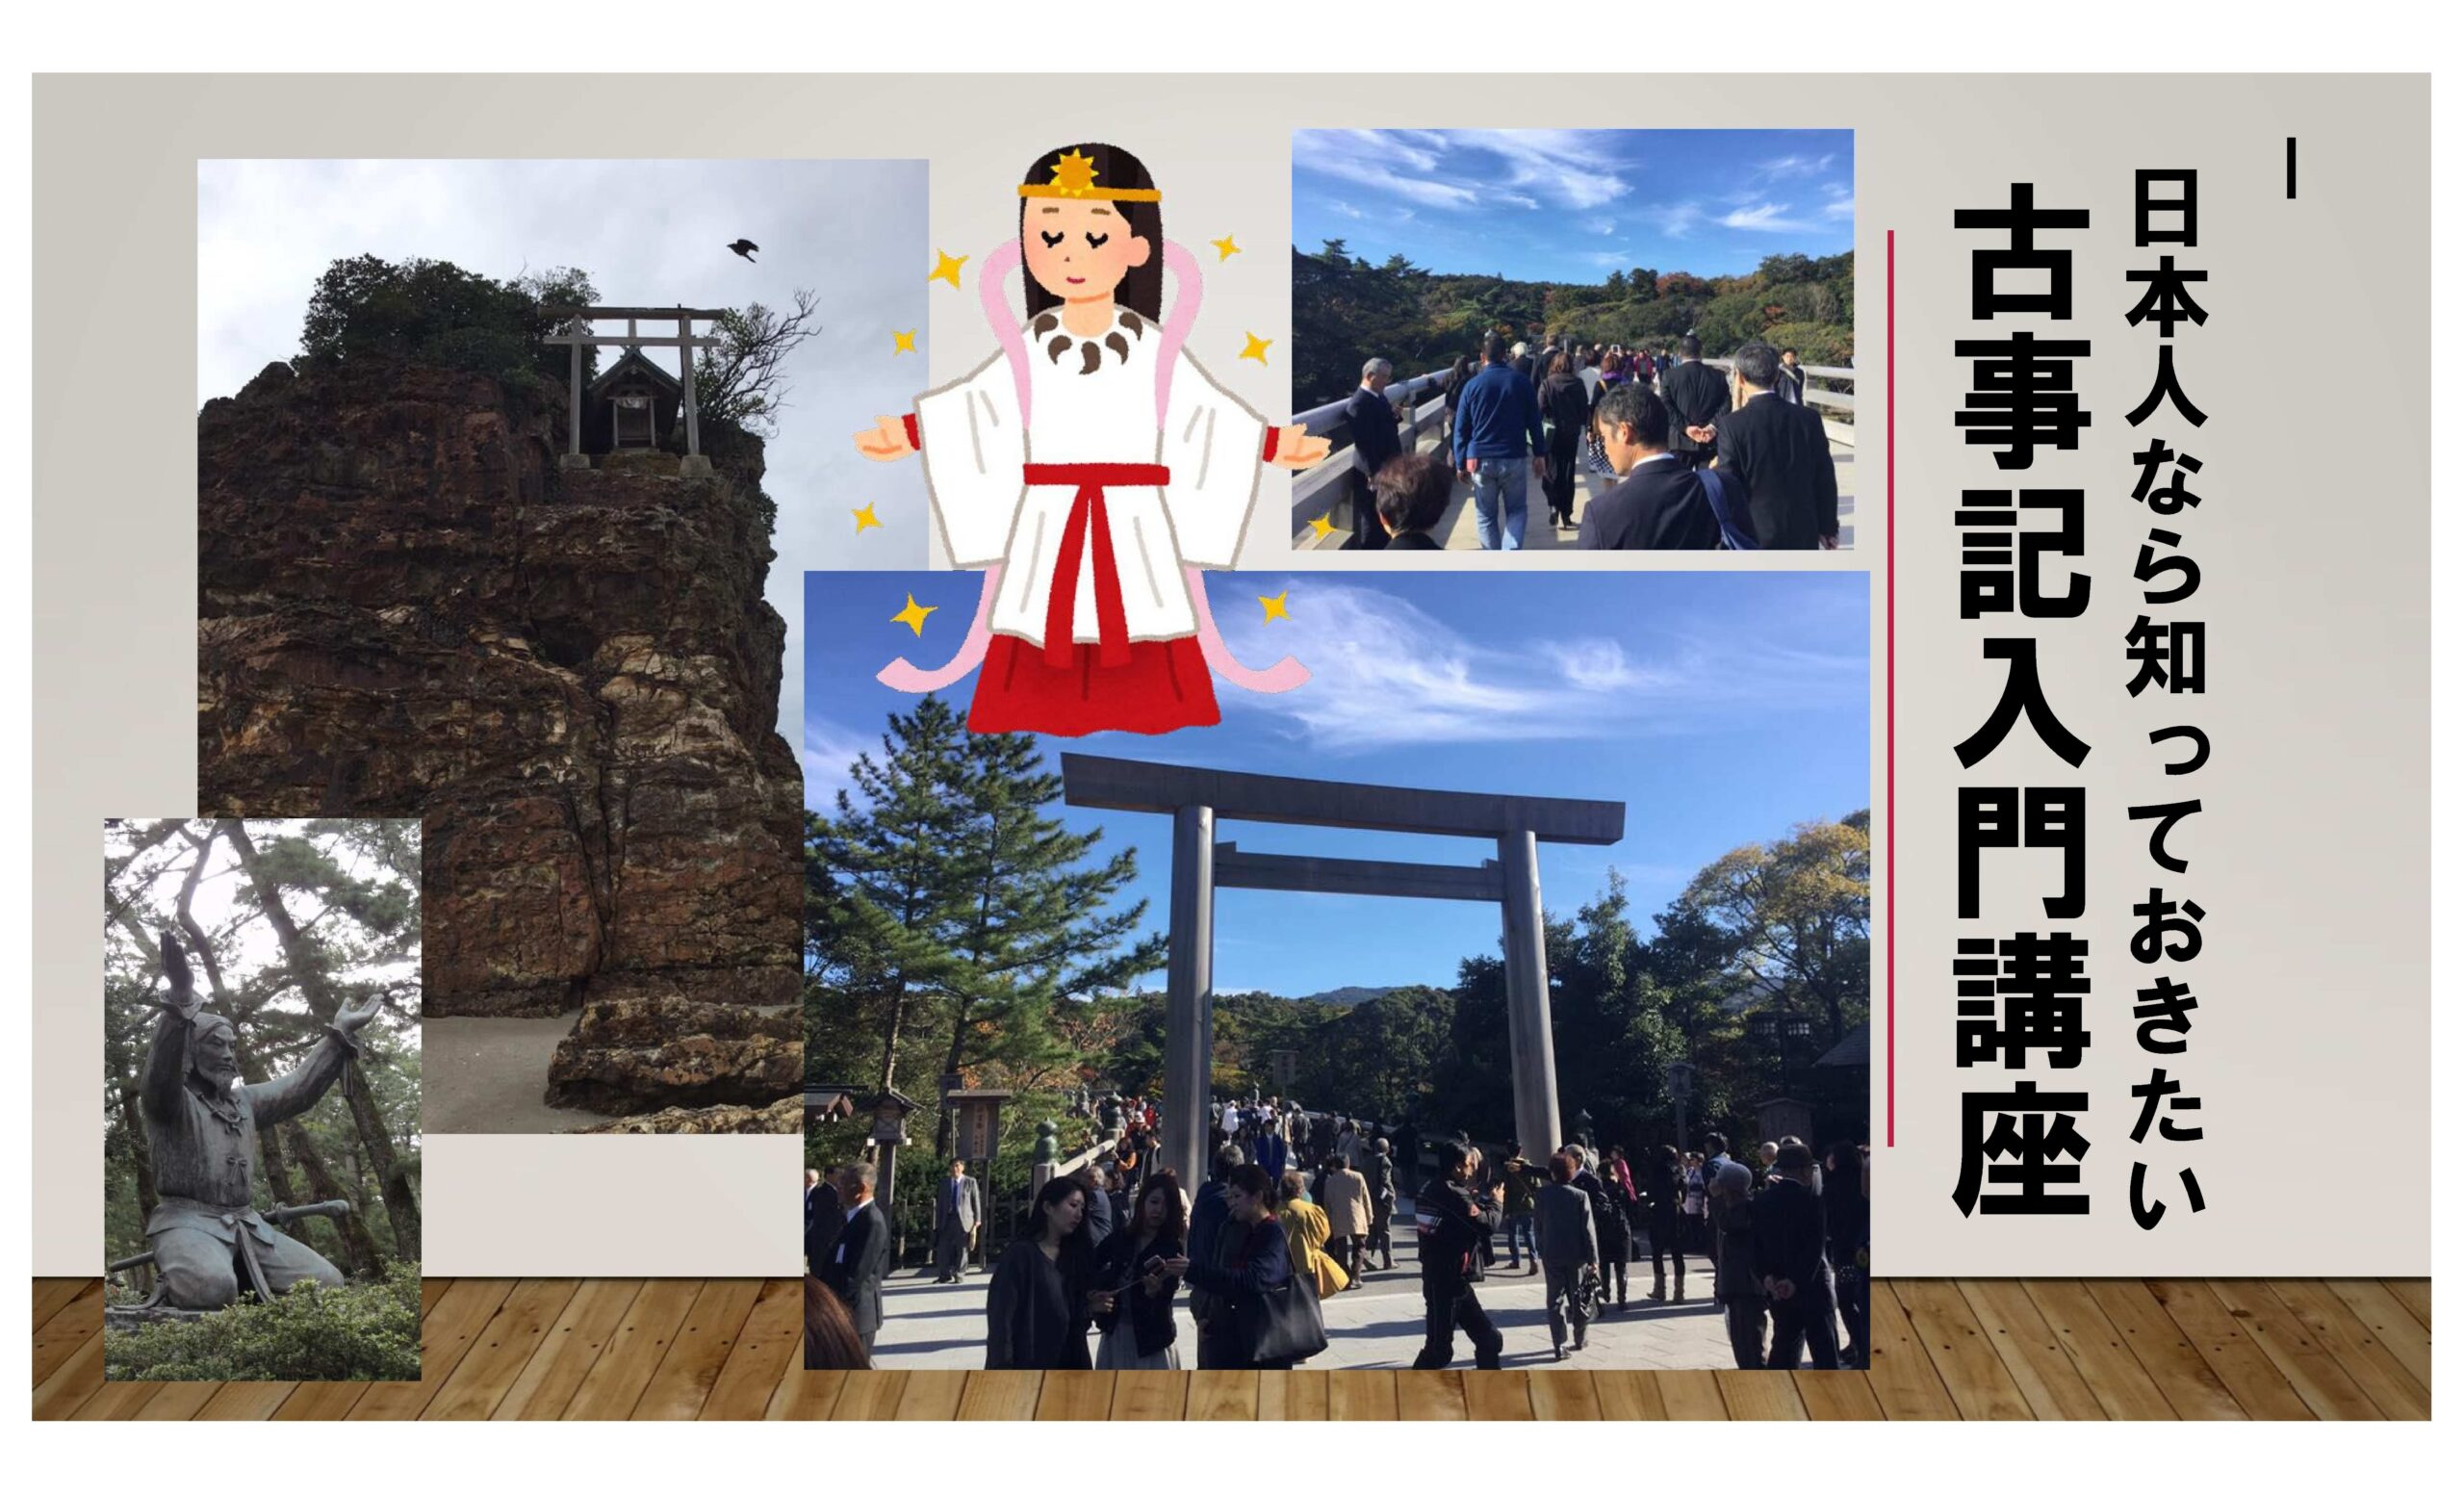 マンガで学ぶ「古事記入門」(無料体験あり)【山梨文化学園】